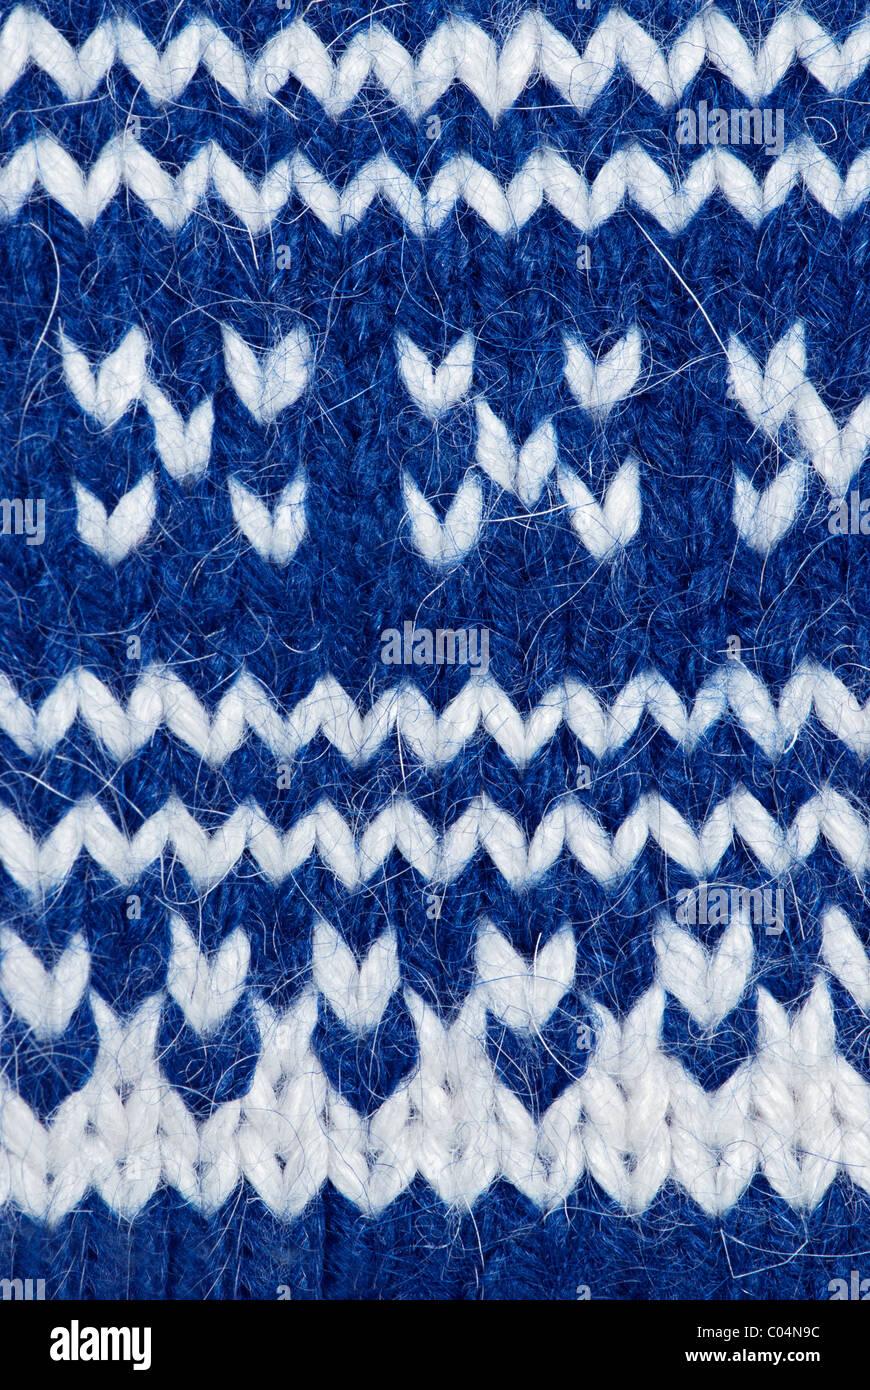 Hintergrund der handgefertigte Wolle Muster stricken Stockbild